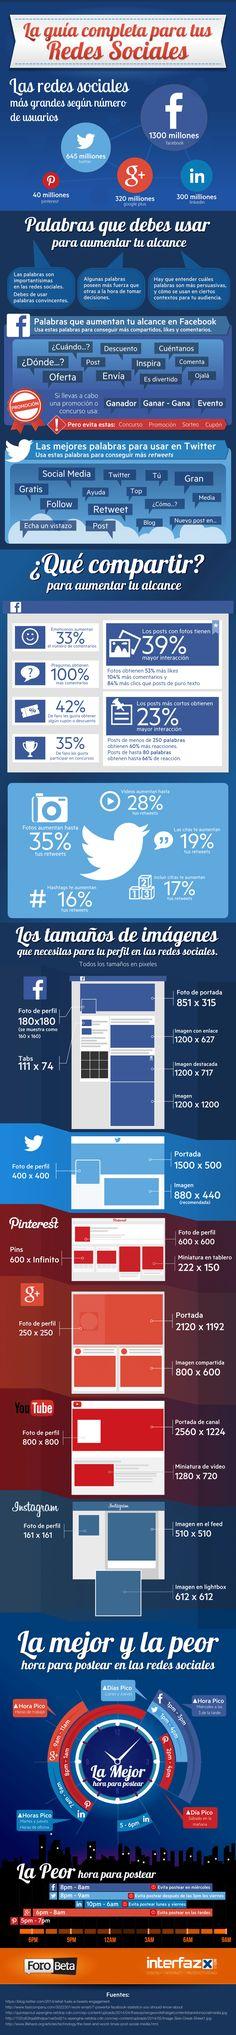 La guía completa para tus redes sociales. Infografía en español. #CommunityManager